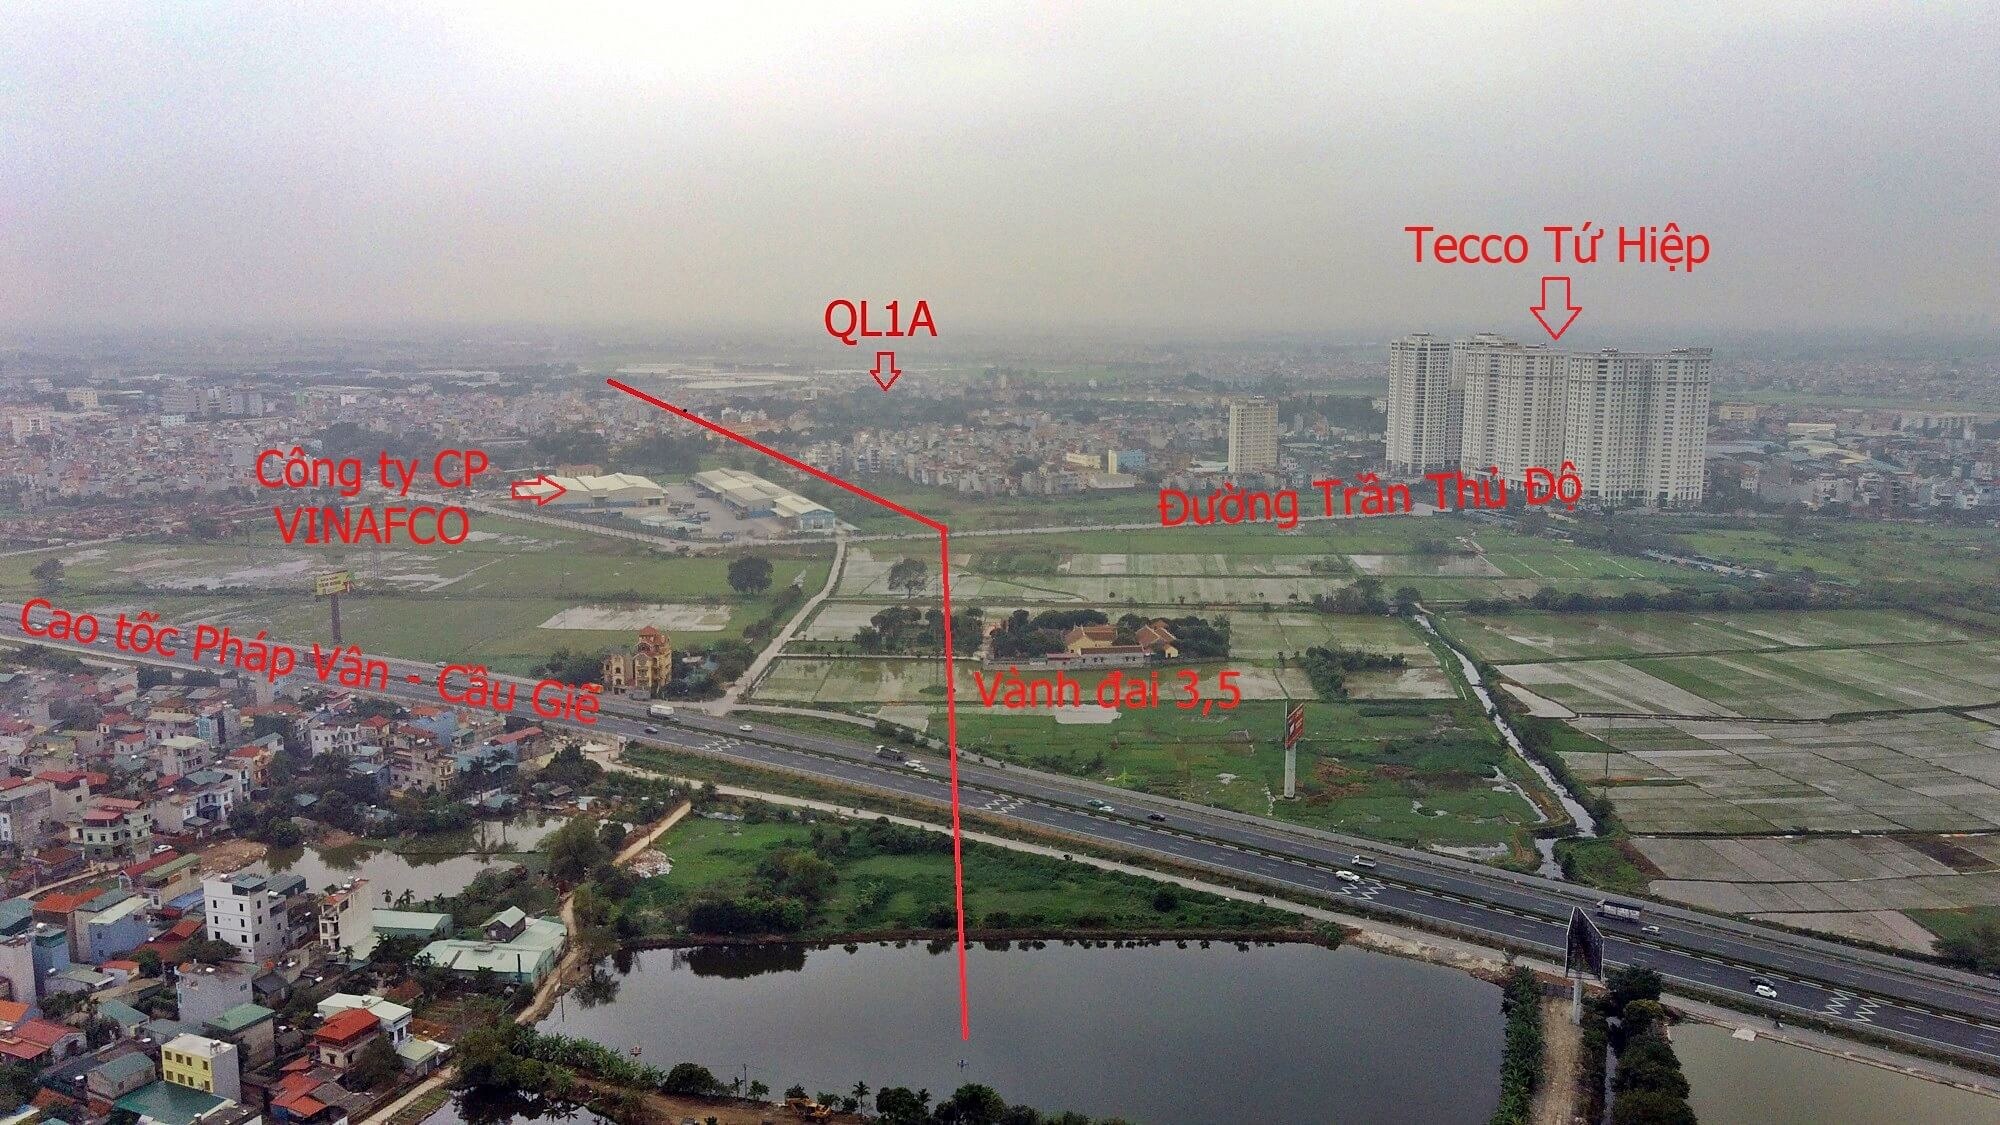 Tecco Tứ Hiệp nằm gần trục đường vành đai 3,5 và các điểm giao cắt.